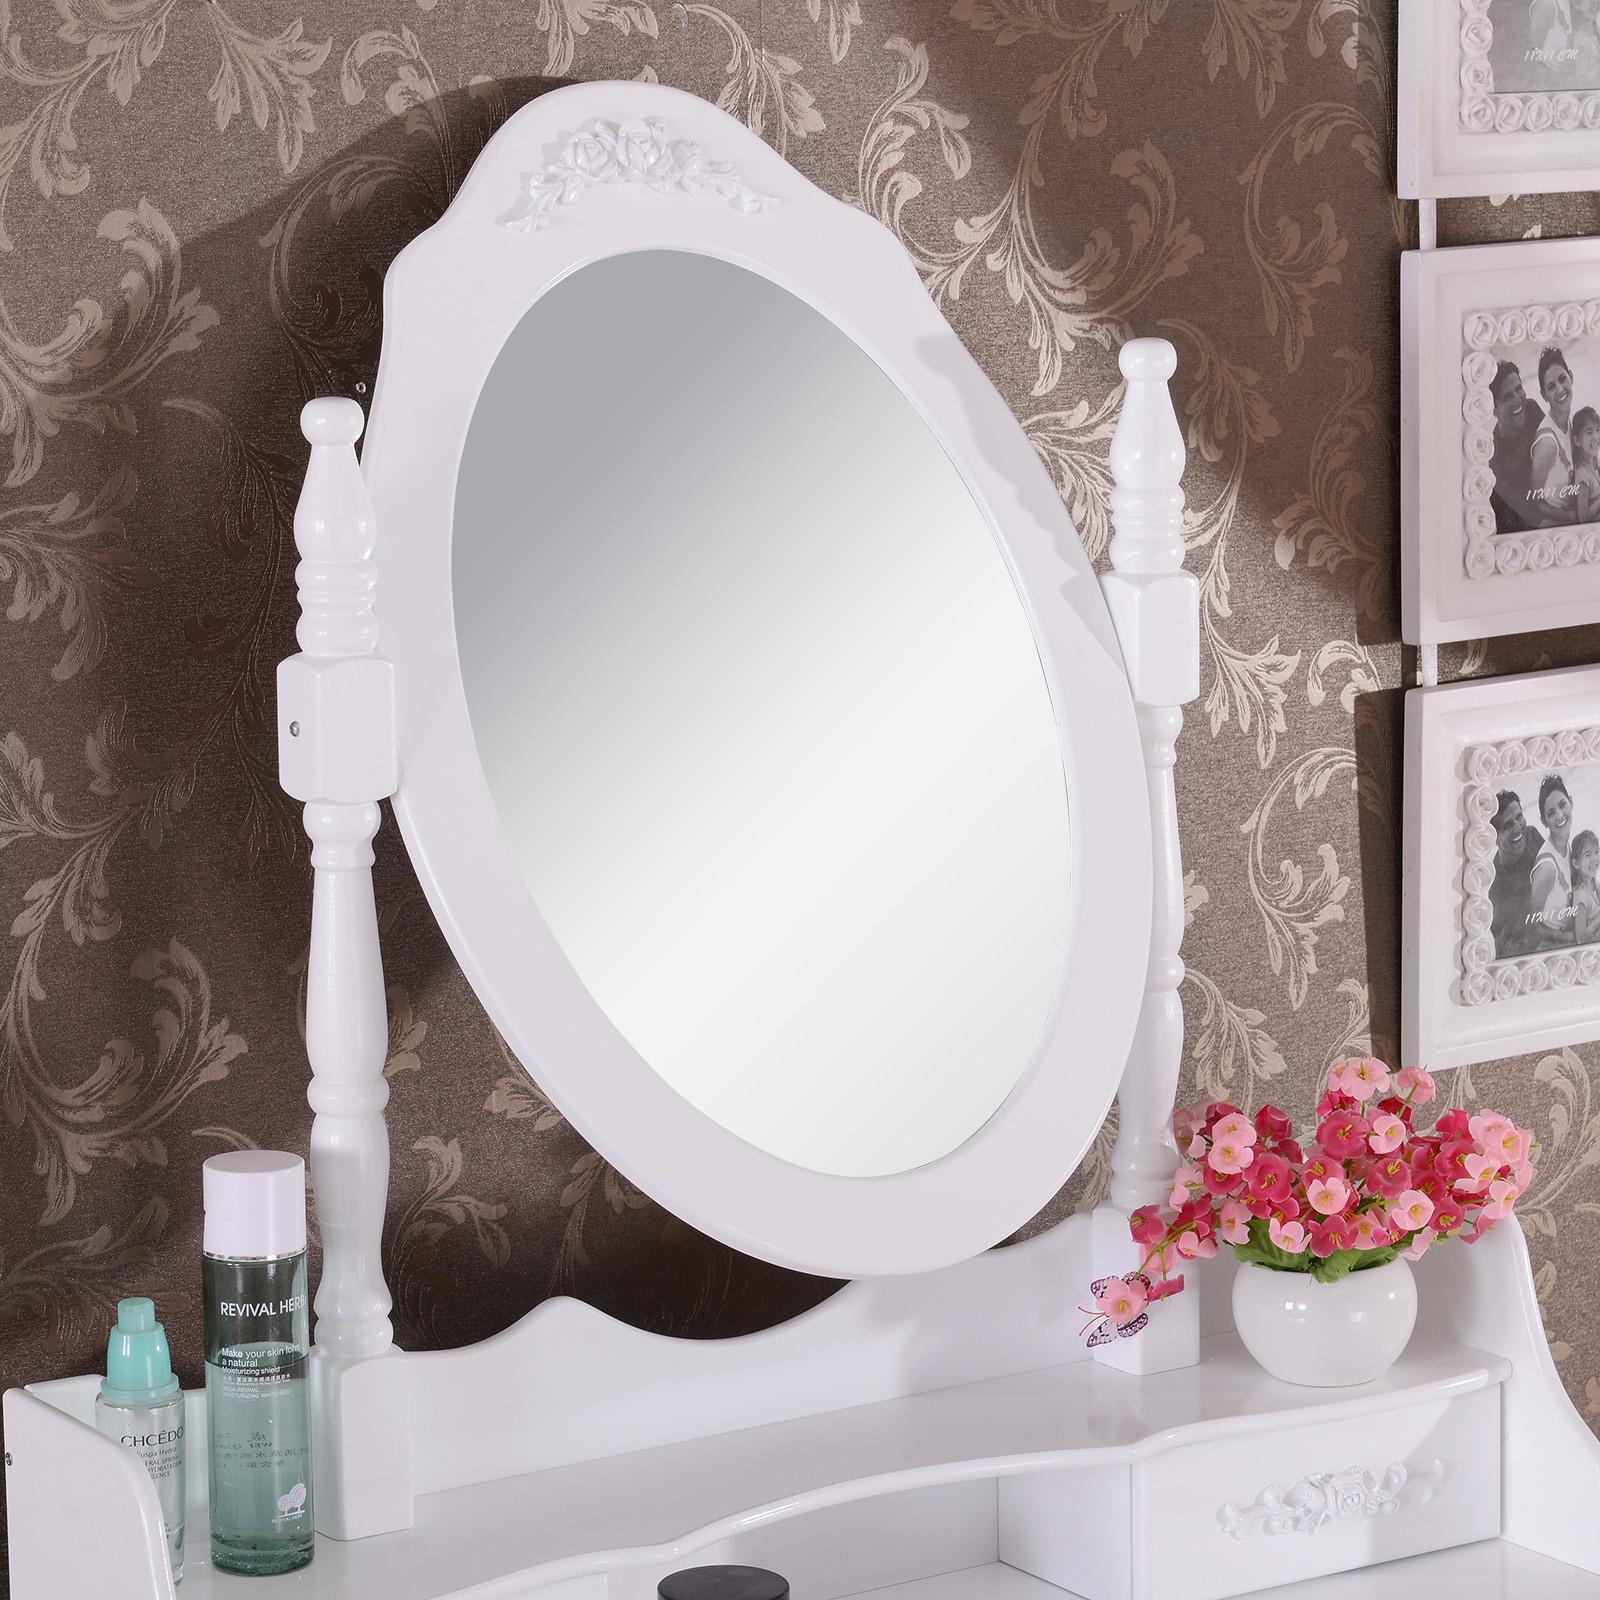 schminktisch kosmetiktisch frisiertisch mit spiegel und. Black Bedroom Furniture Sets. Home Design Ideas